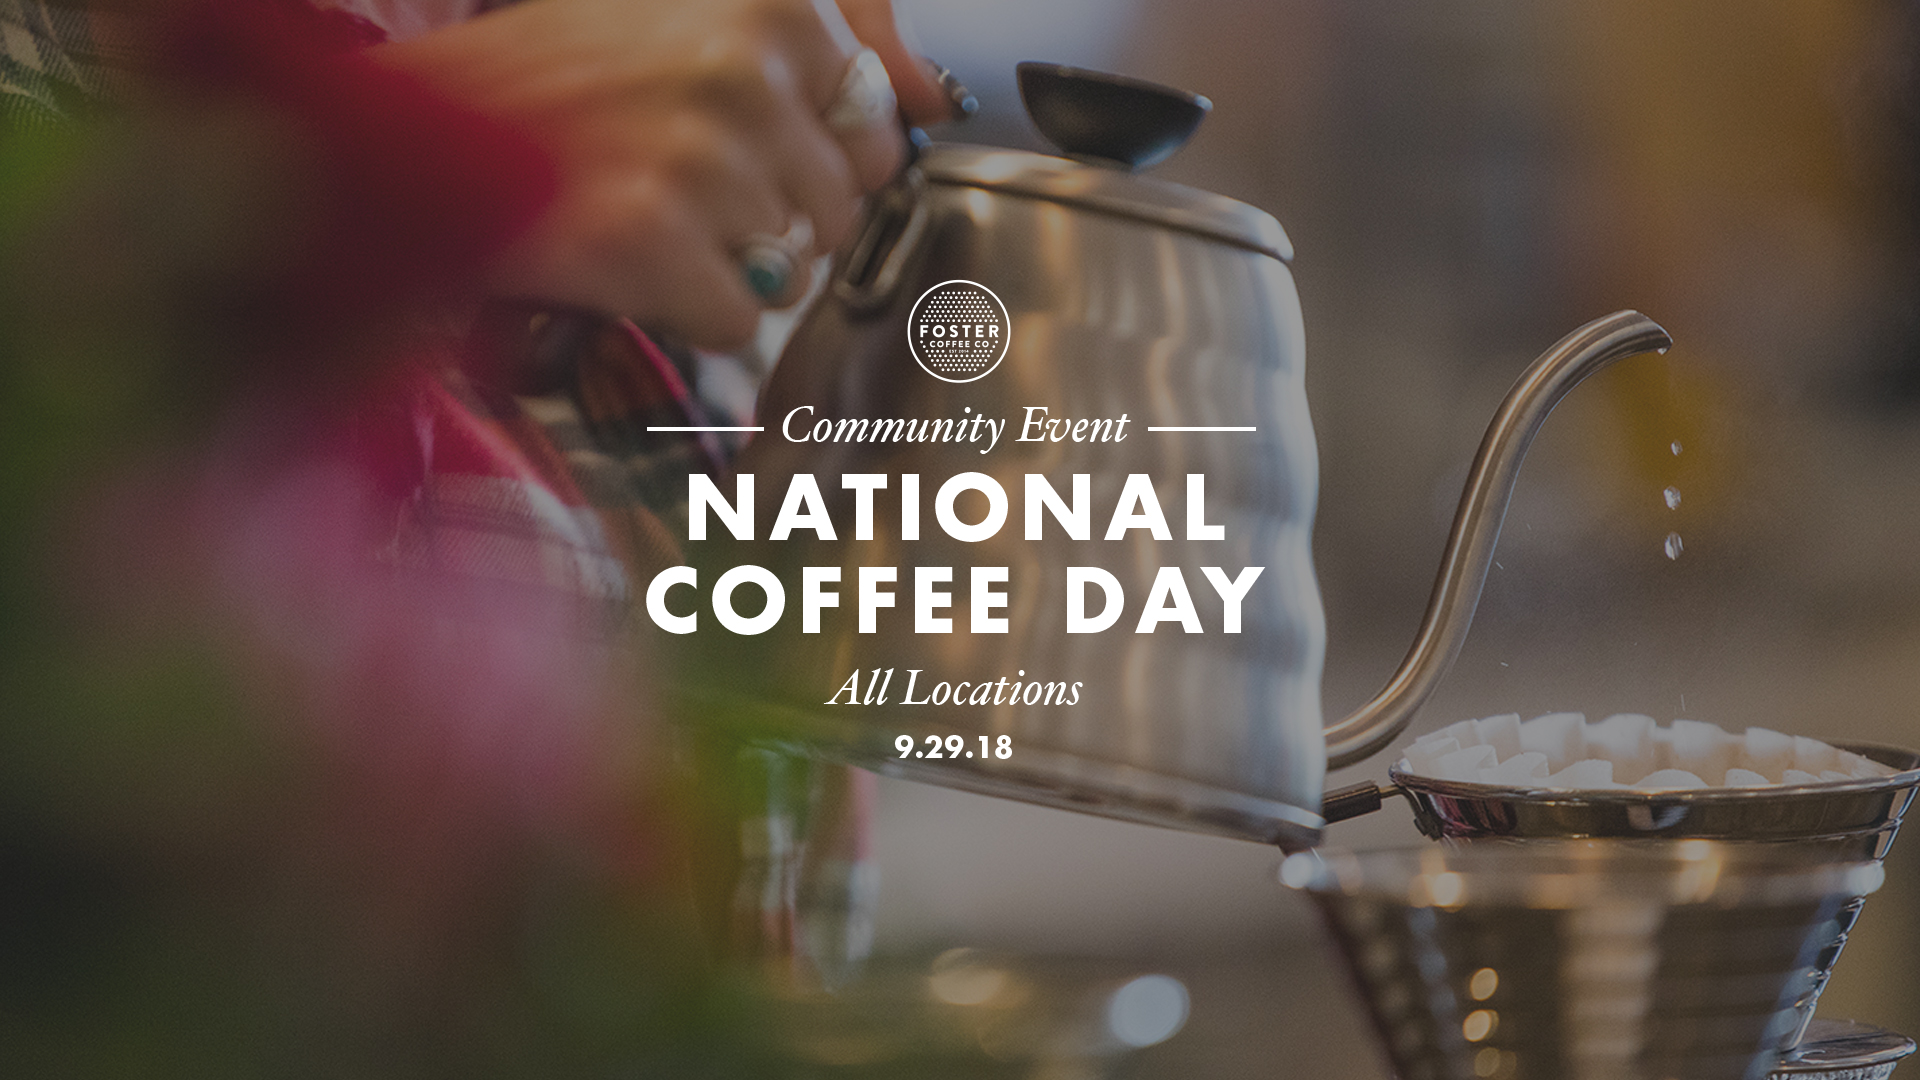 National_Coffee_Day_2018.jpg